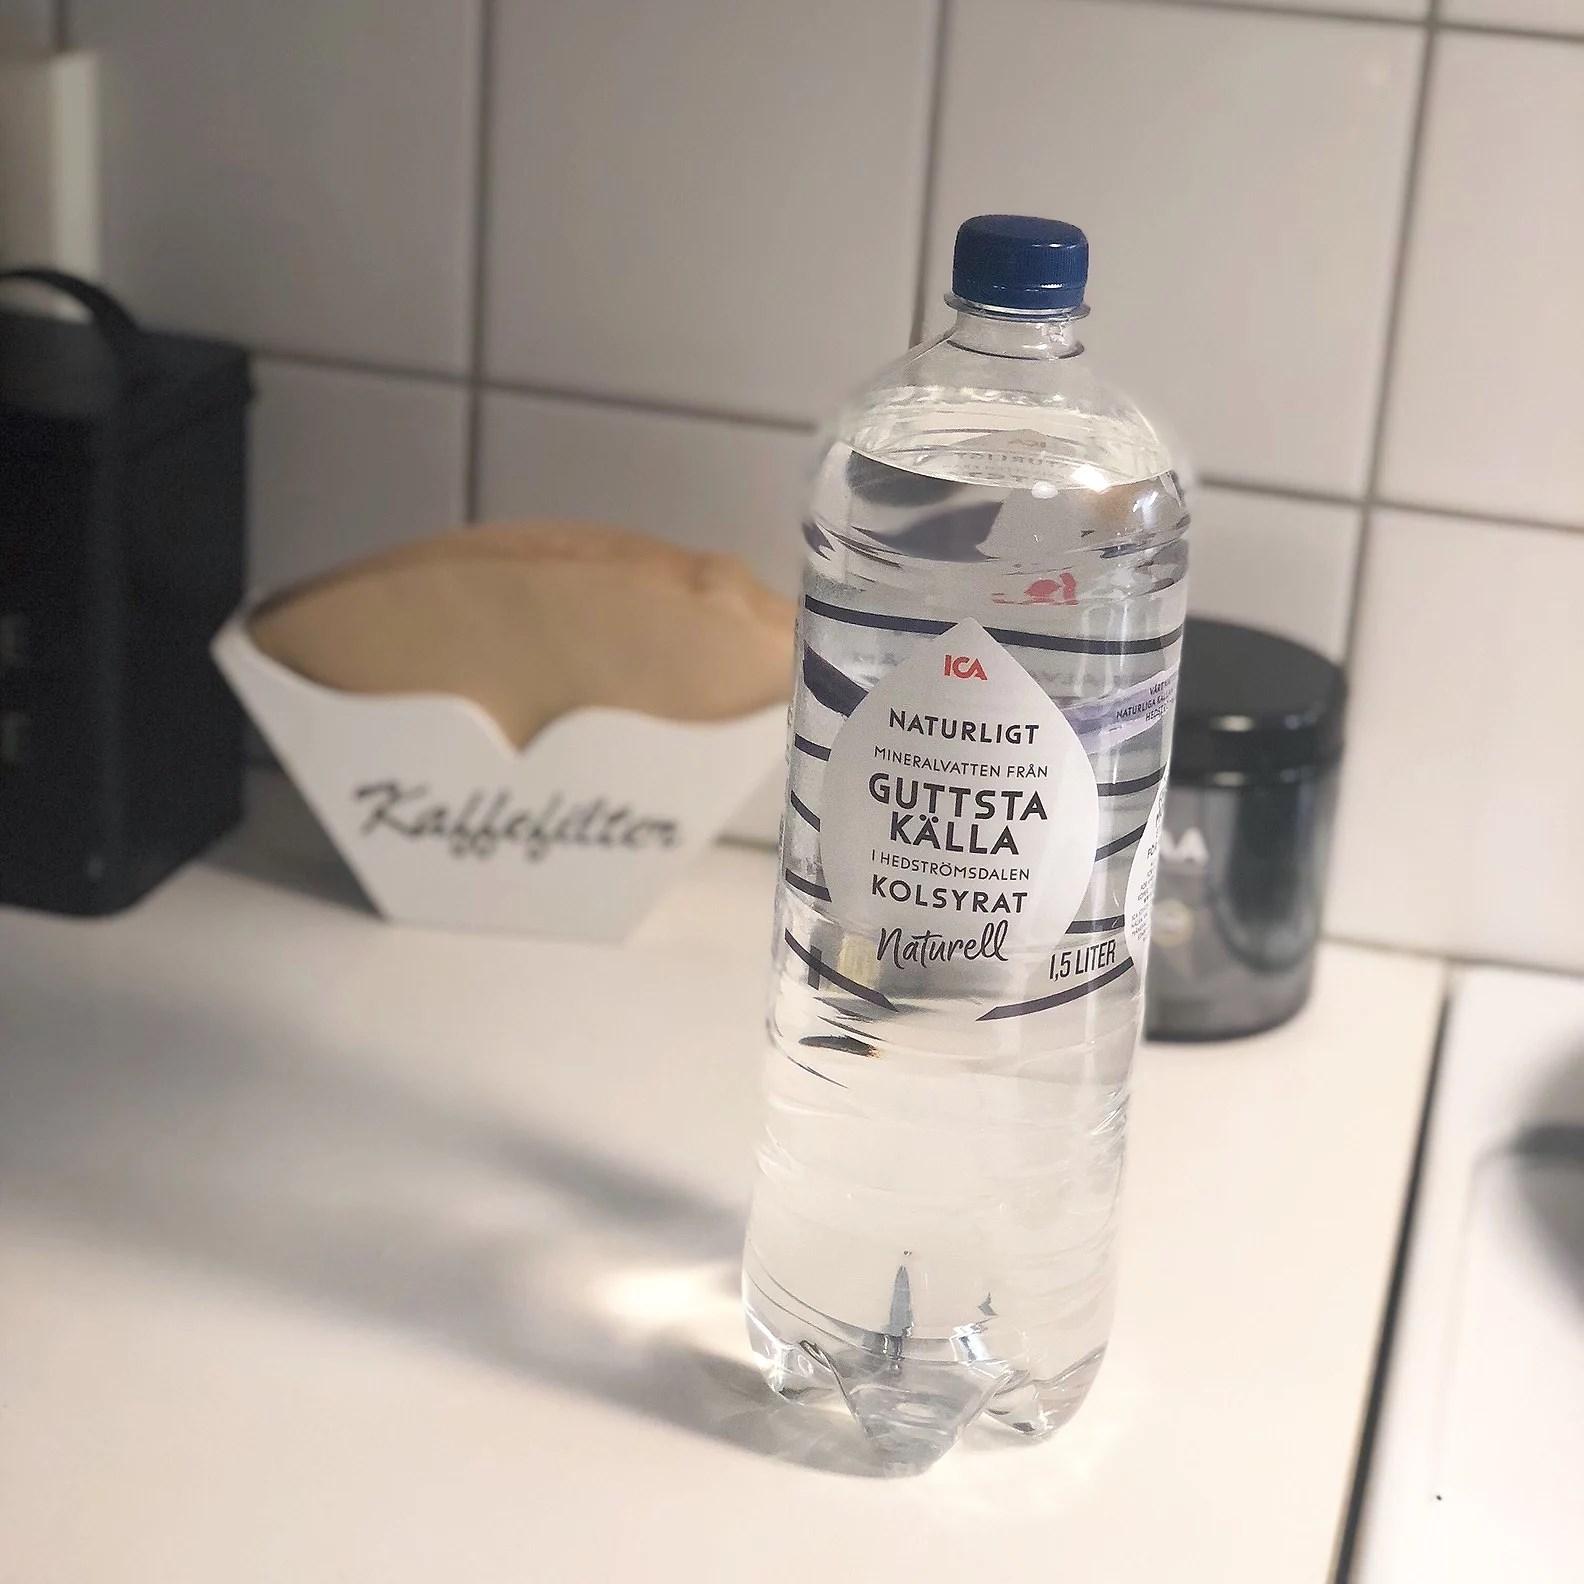 Avgiftning